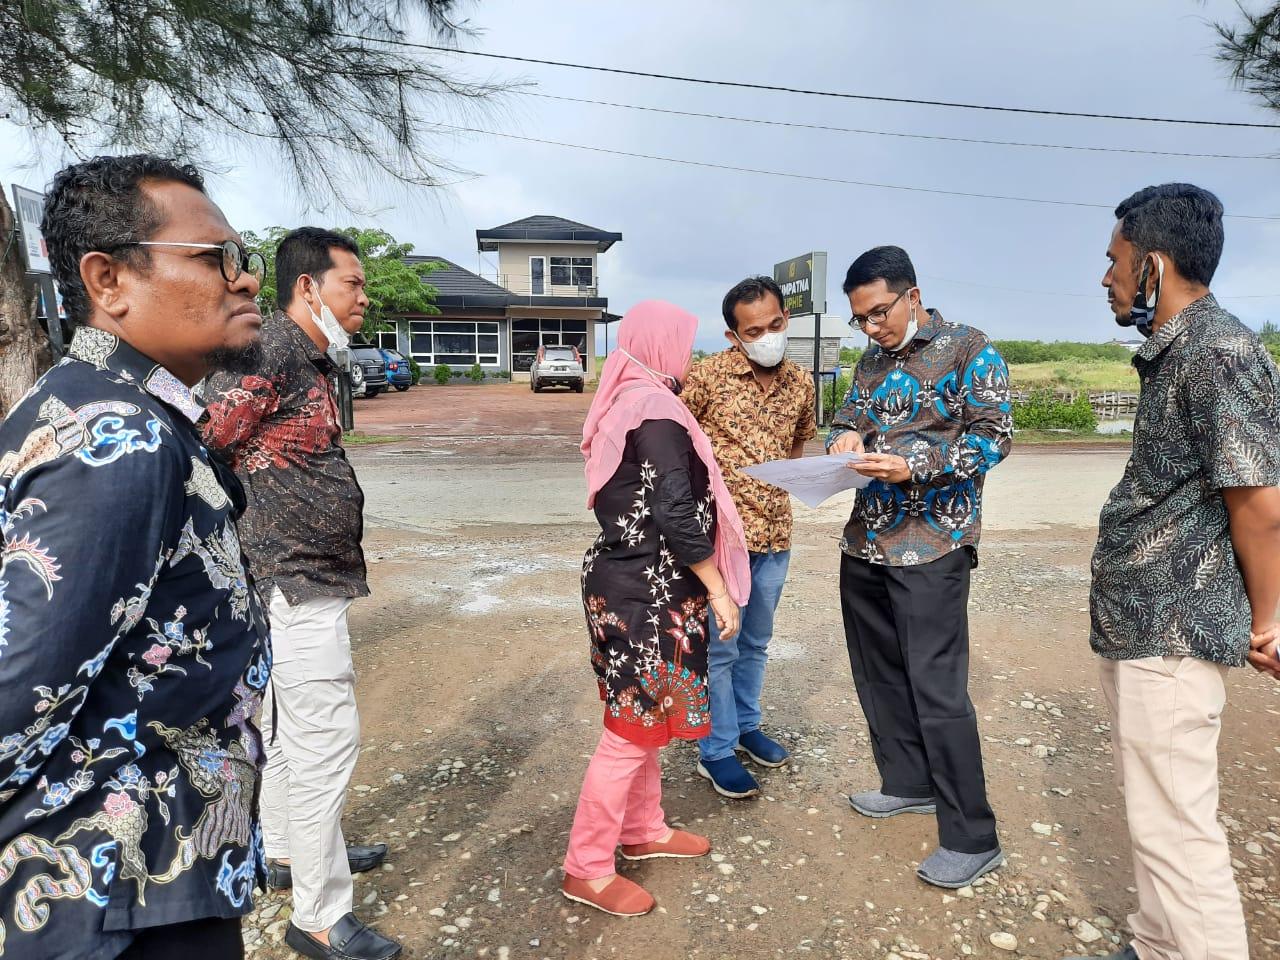 Cuaca Ekstrem Landa Aceh, Dewan Kota Minta Dinas Terkait Sigap dan Antisipasi Banjir